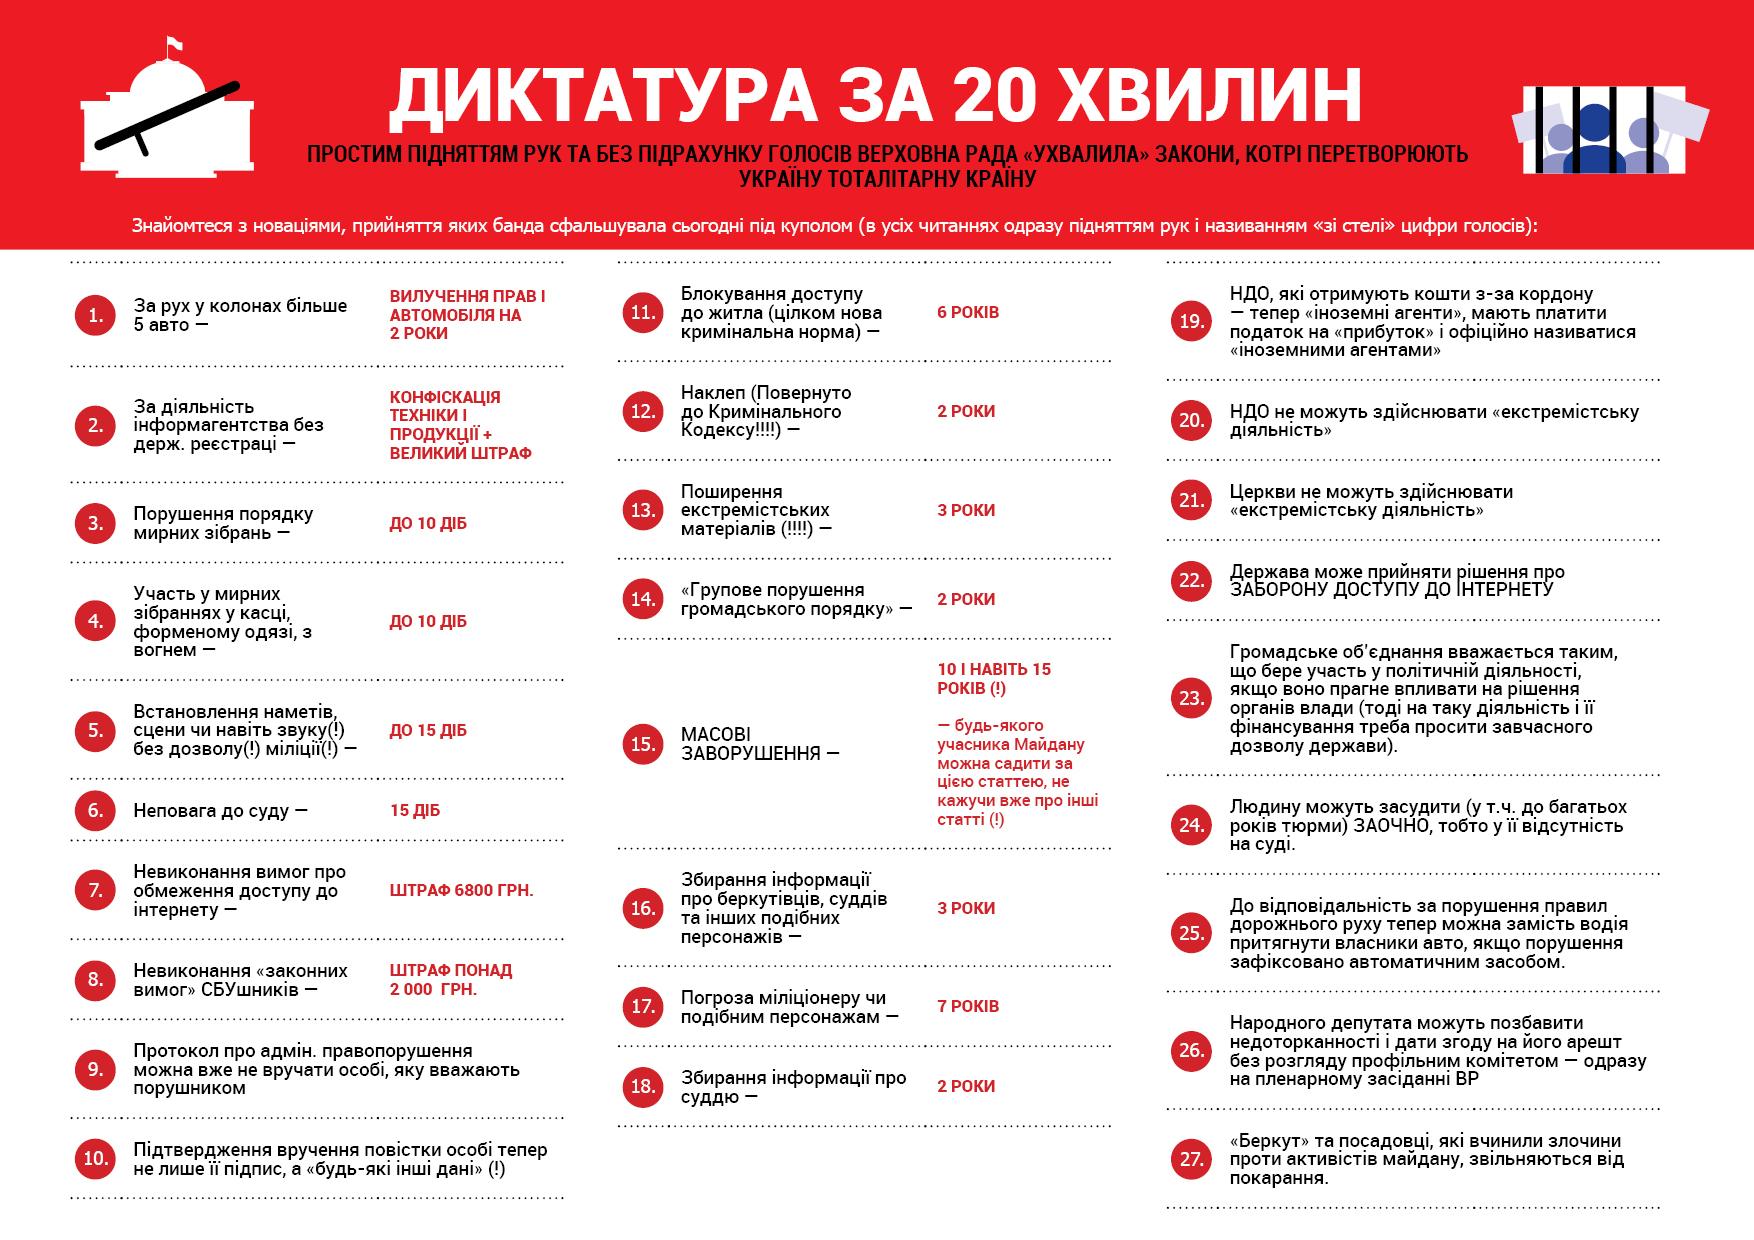 источник: texty.org.ua